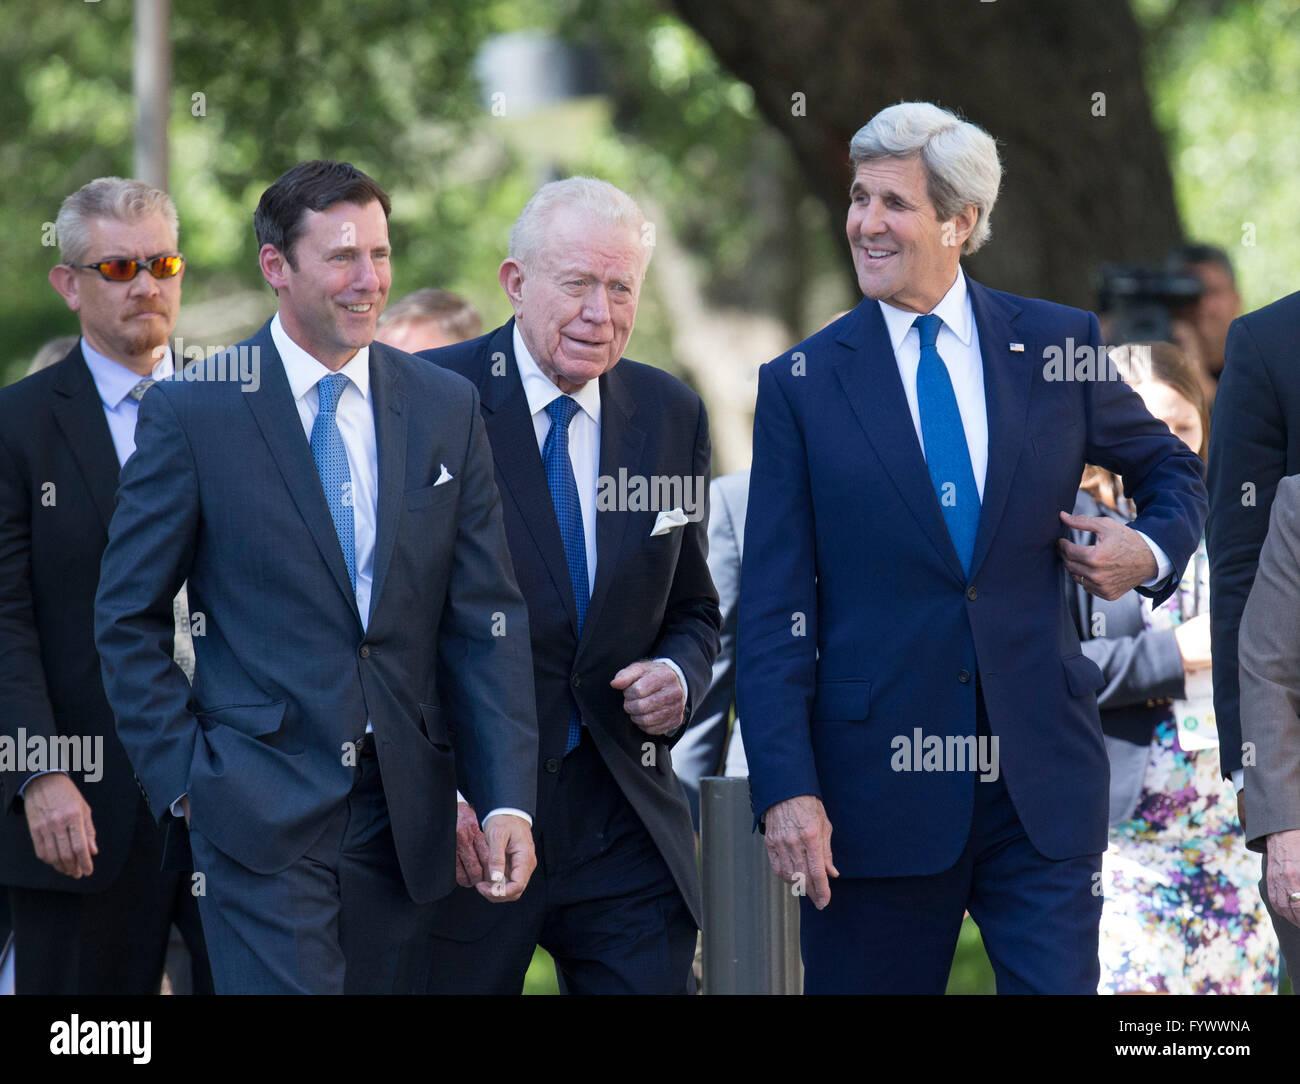 Stati Uniti Il segretario di Stato John Kerry, centro arriva al LBJ Library per un discorso durante la Guerra del Vietnam vertice. Foto Stock